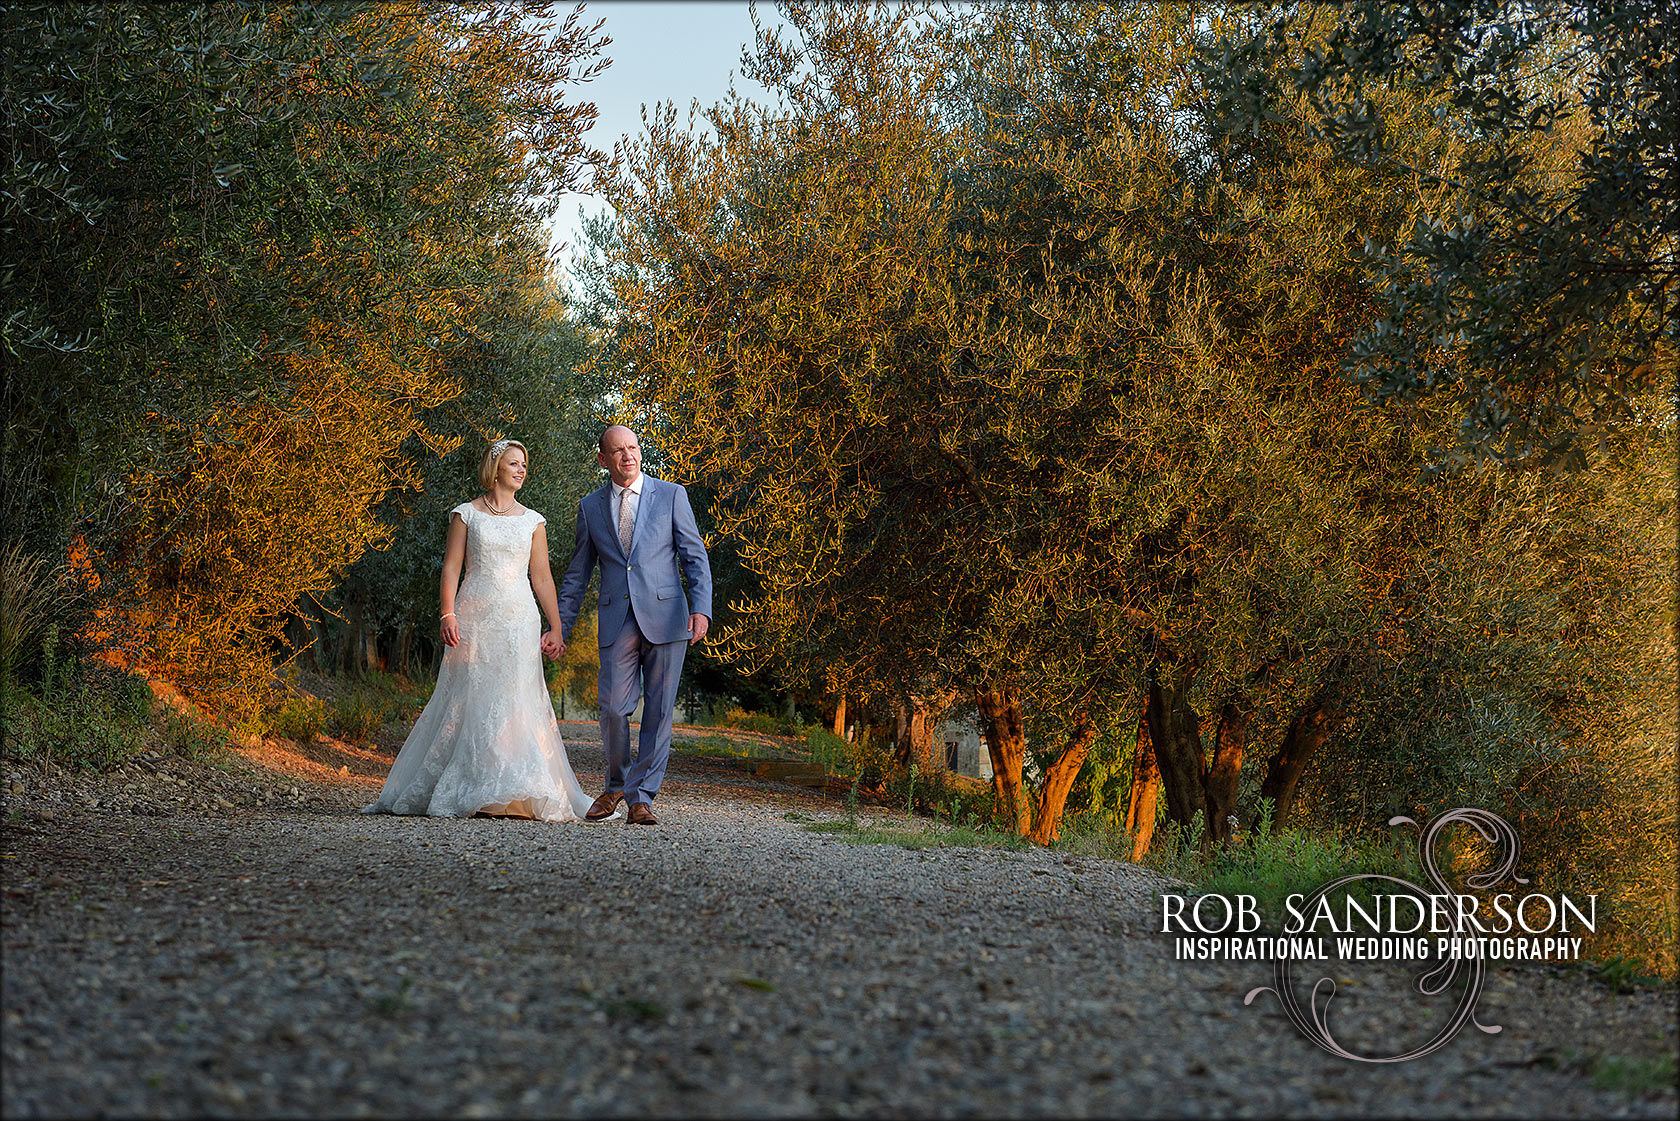 destination wedding photographer reviews